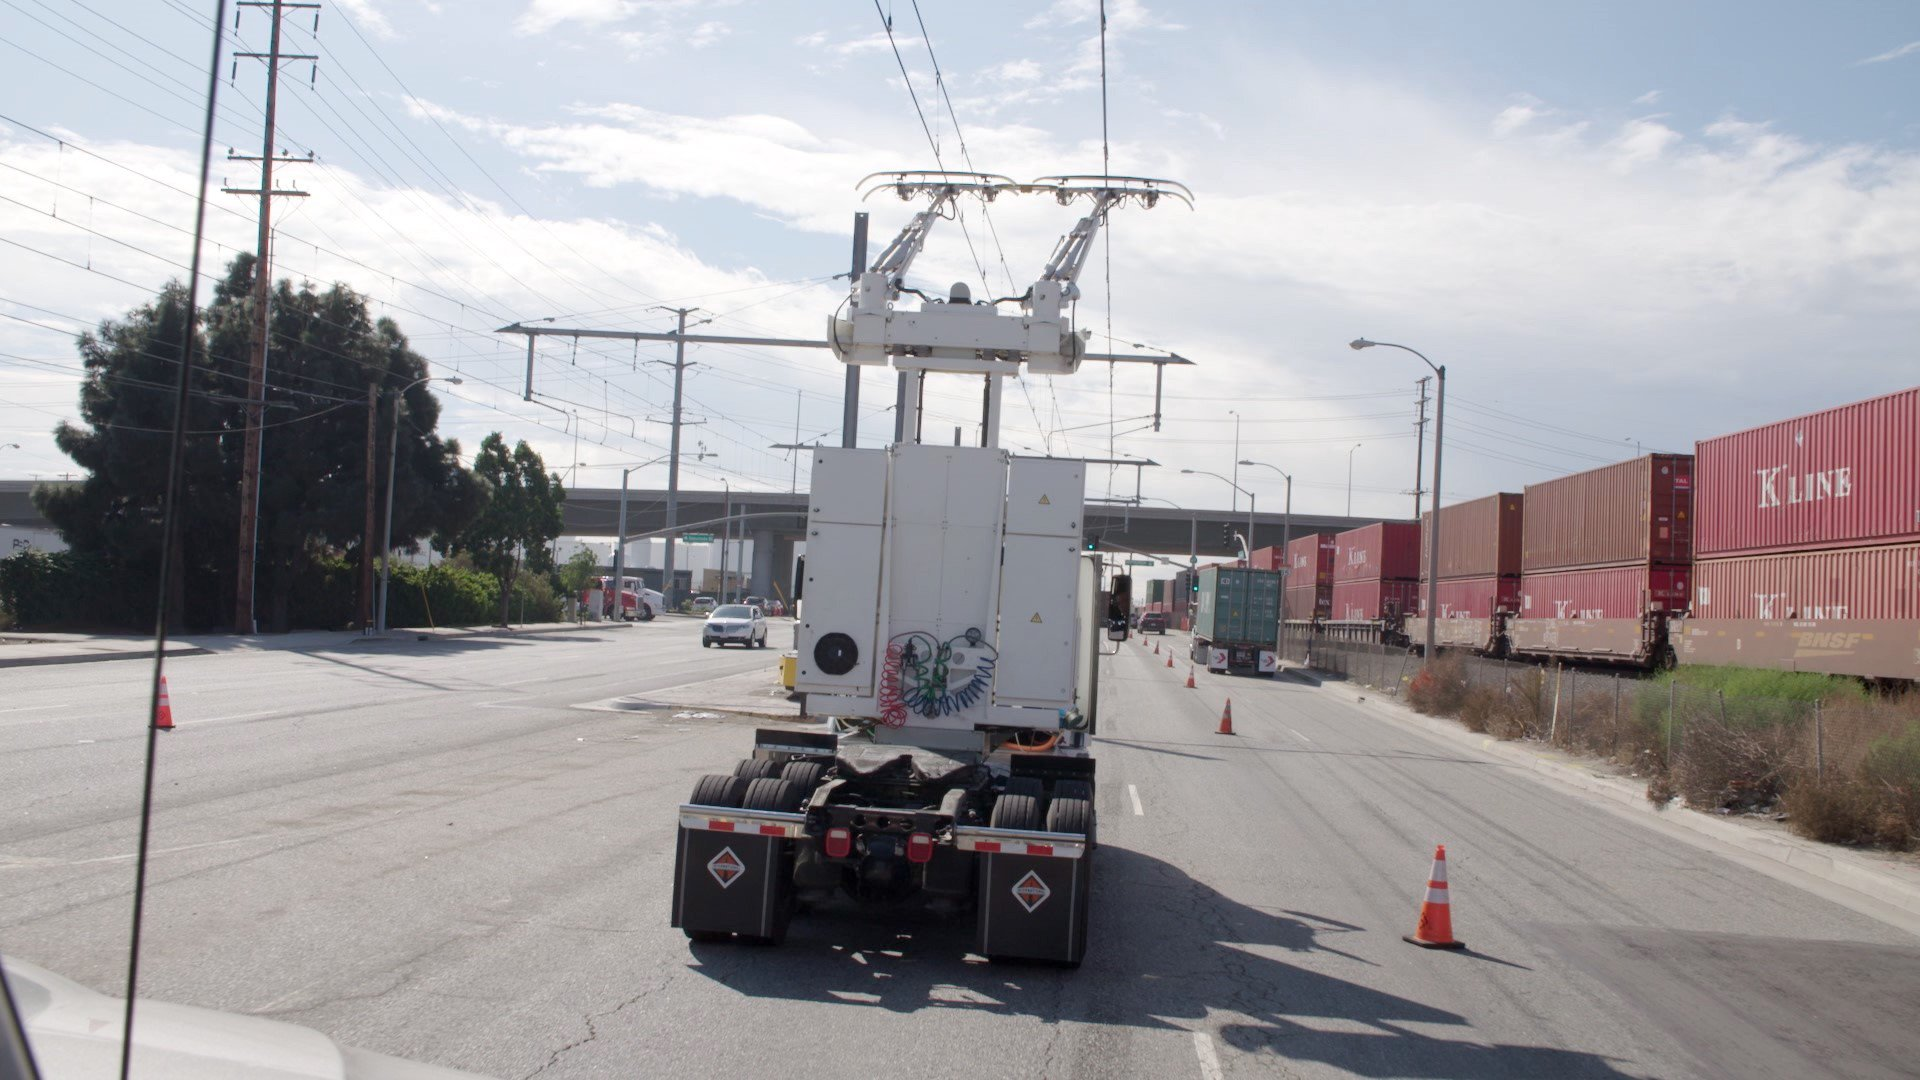 Die Strommasten stehen auf der Mittelspur, um beide Fahrbahnen zu überragen. Verlassen die Lkw die Teststrecke, klappen sie den Stromabnehmer ein und fahren mit dem Verbrennungsmotor weiter.